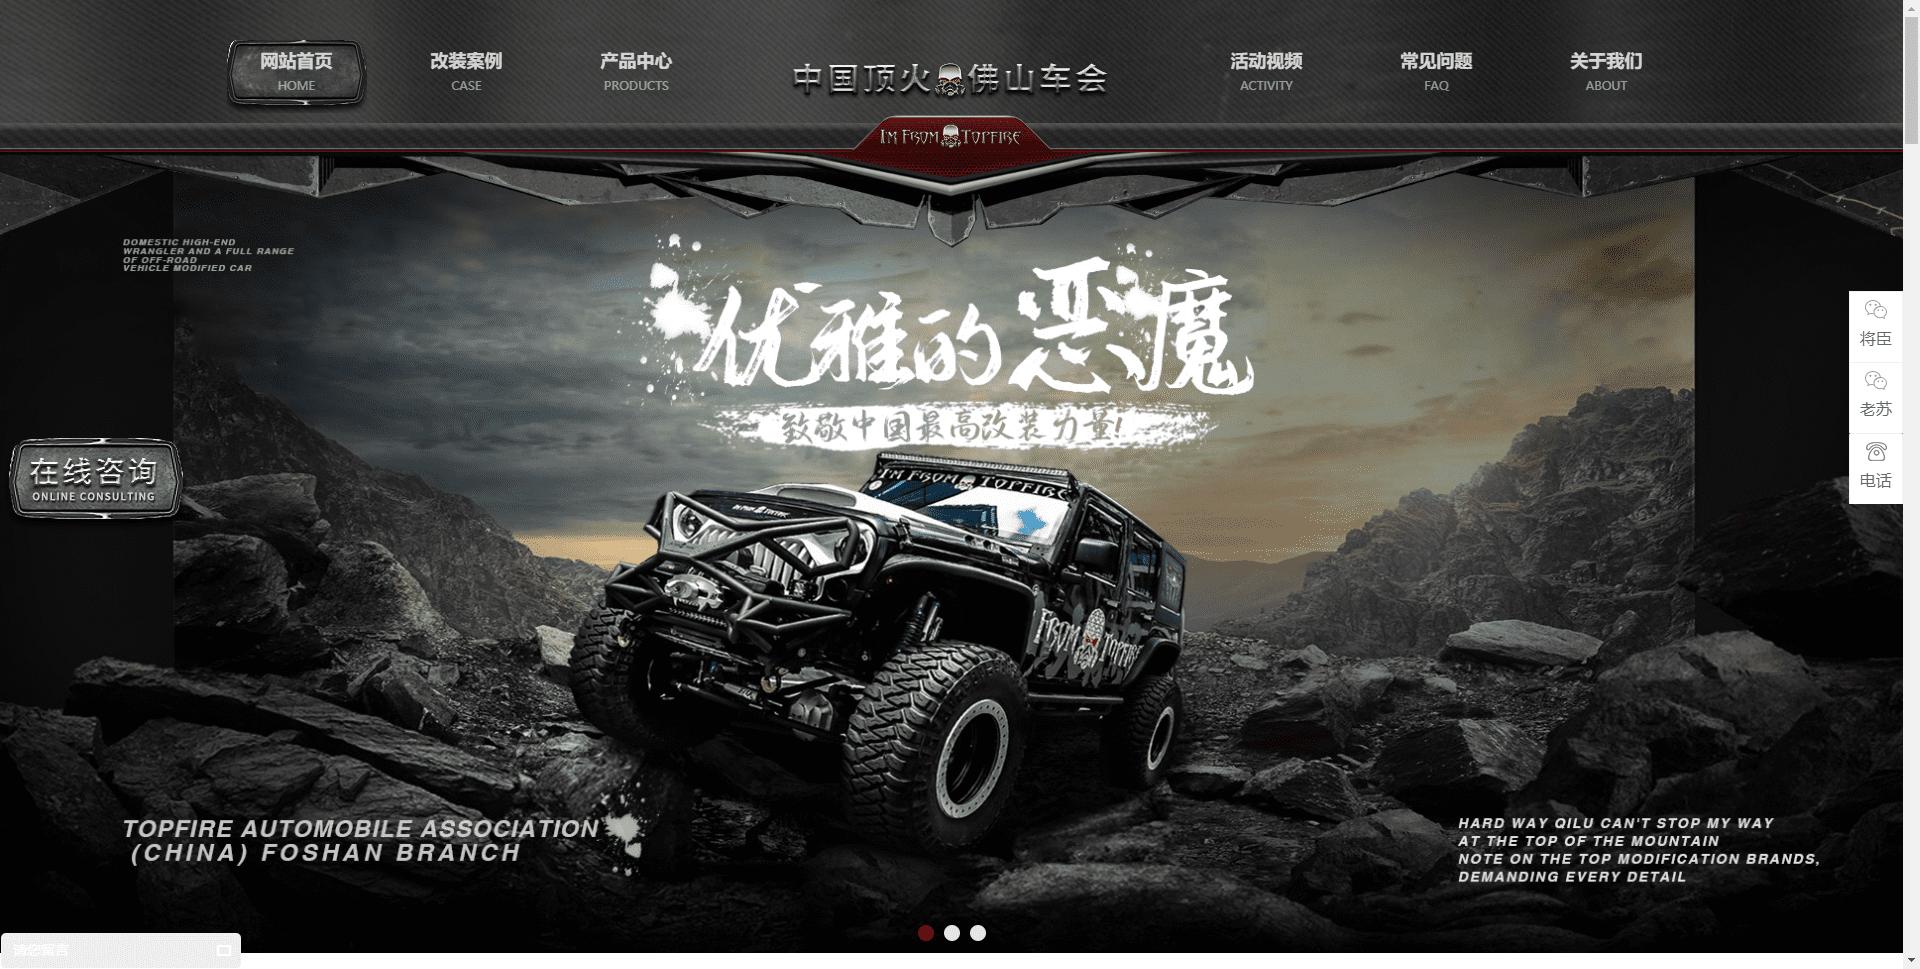 中国顶火佛山车会